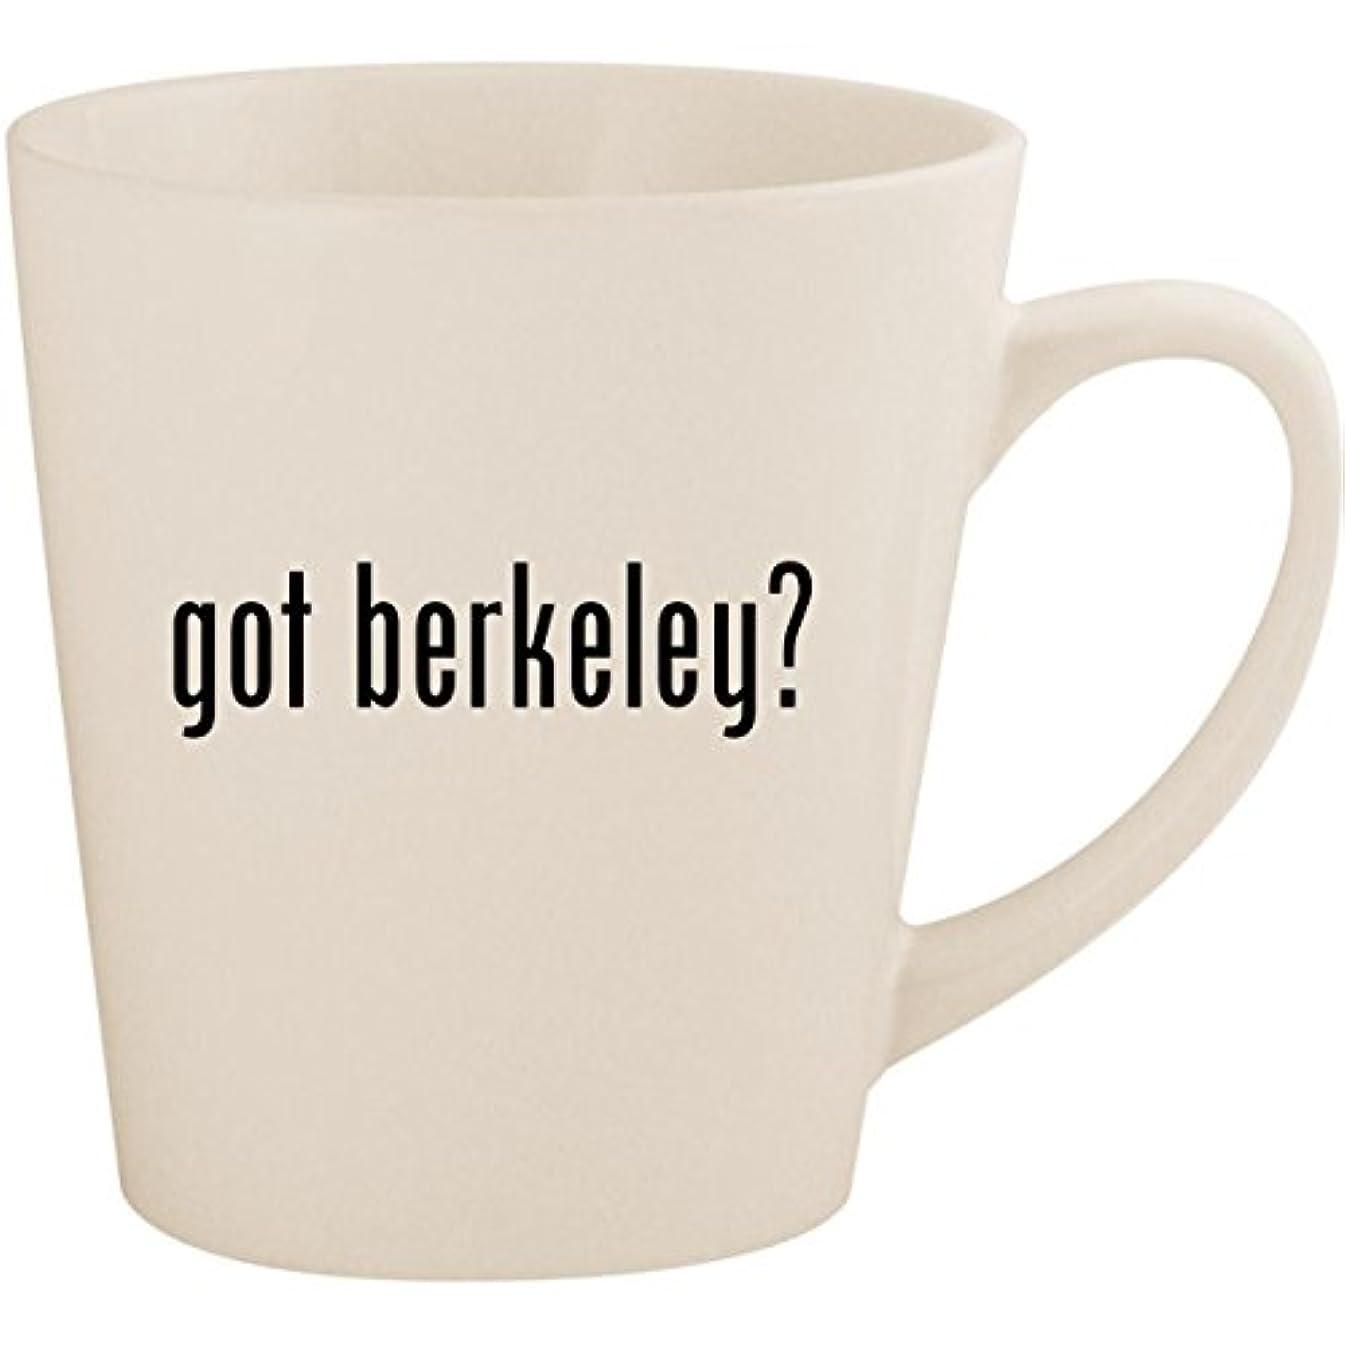 ウイルス柔らかさびんGot Berkeley ? – ホワイト12oz Ceramic Latte Mug Cup